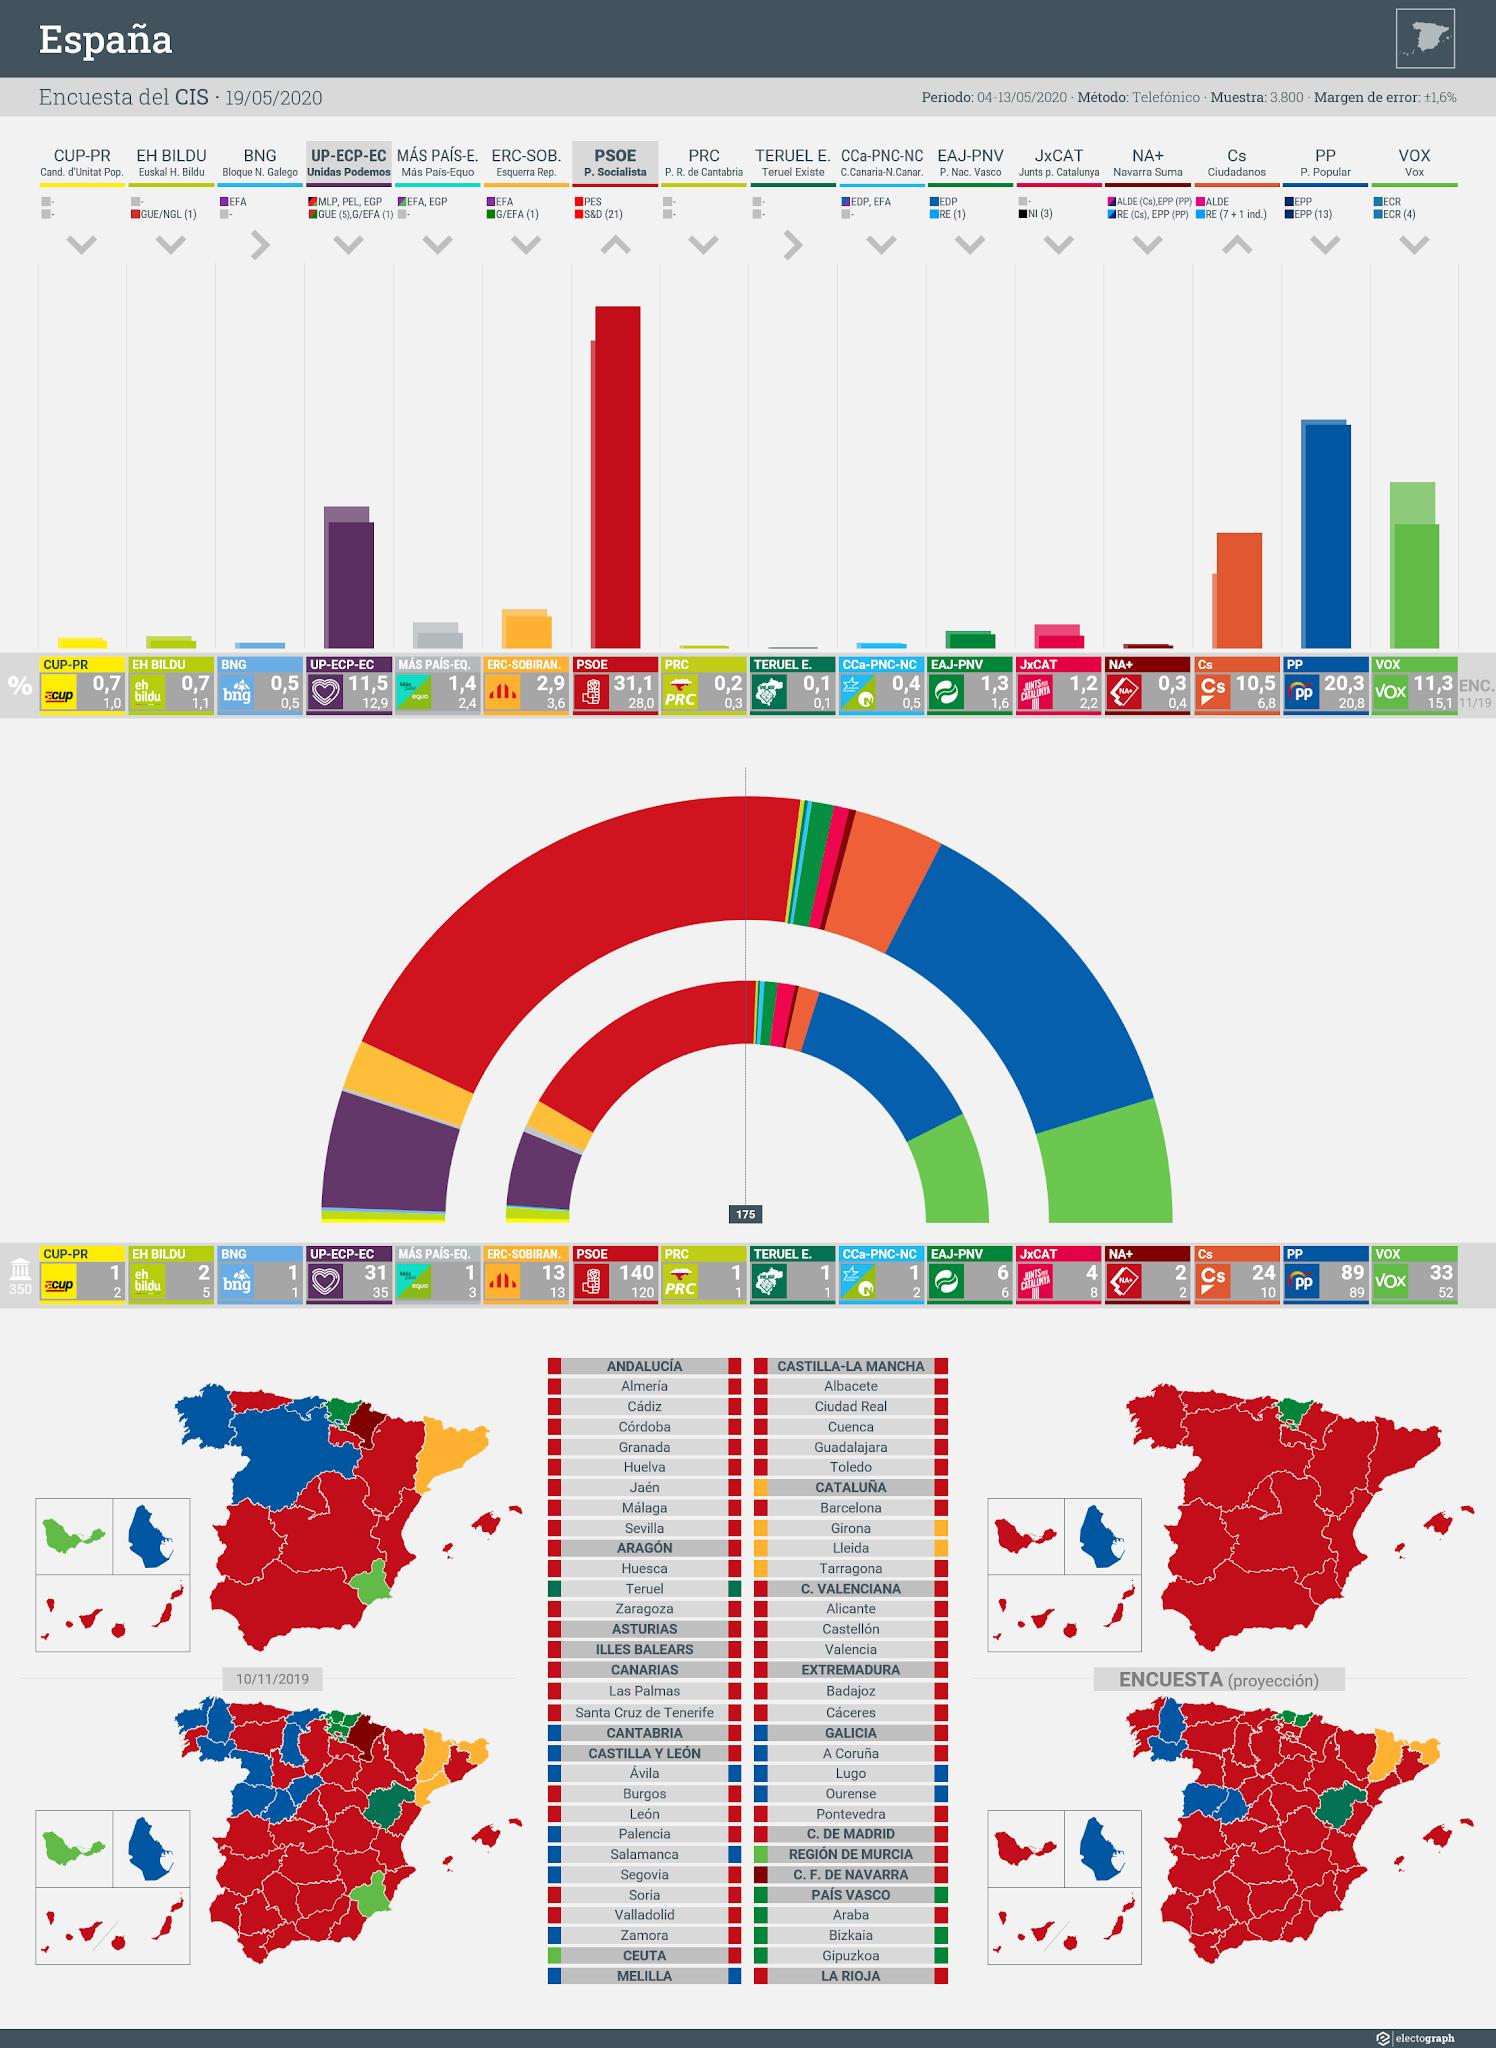 Gráfico de la encuesta para elecciones generales en España realizada por el CIS, 19 de mayo de 2020